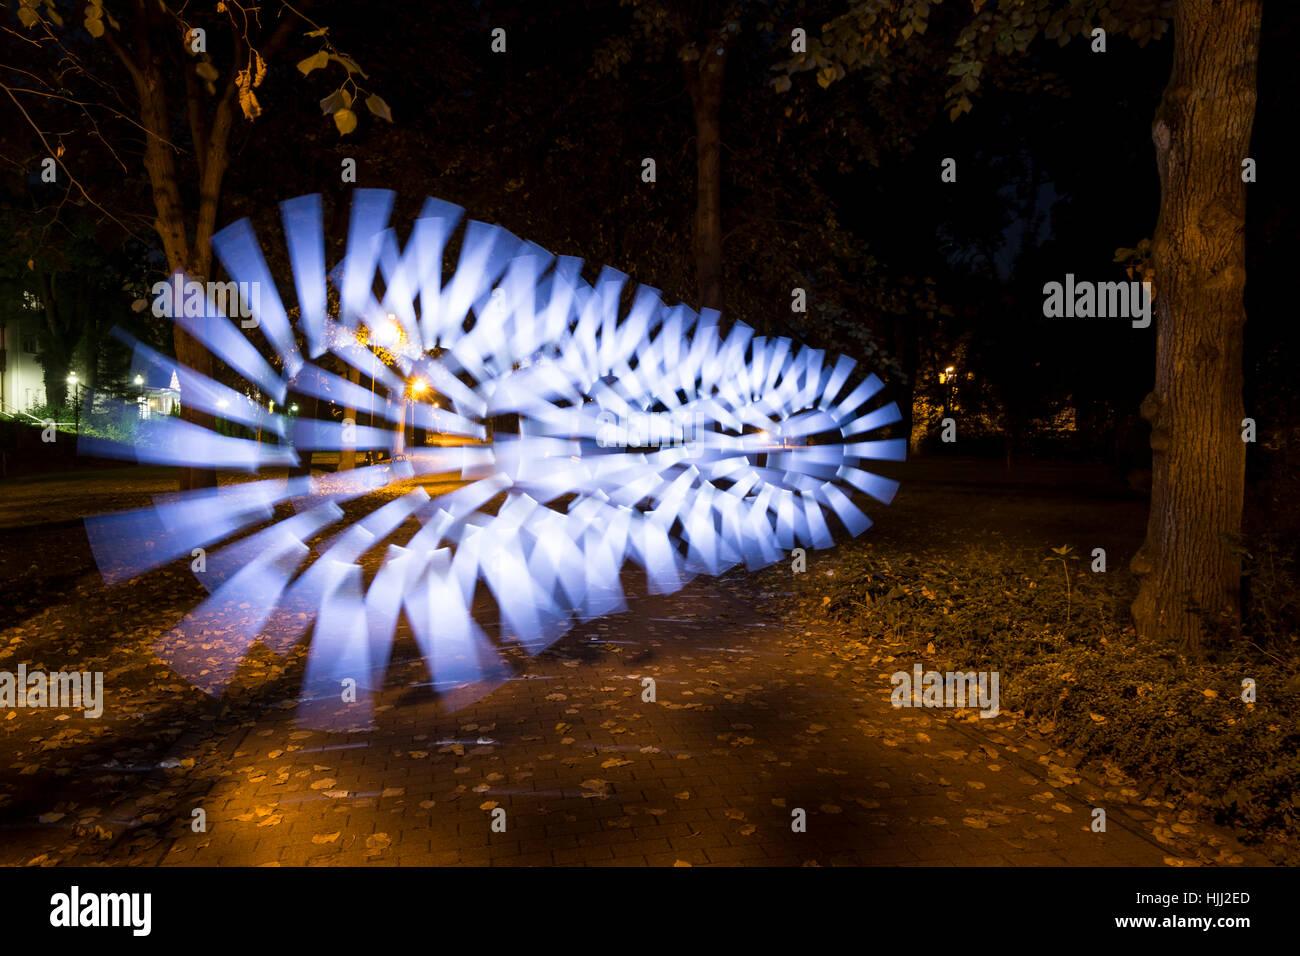 Peinture de lumière sur le chemin d'automne Banque D'Images